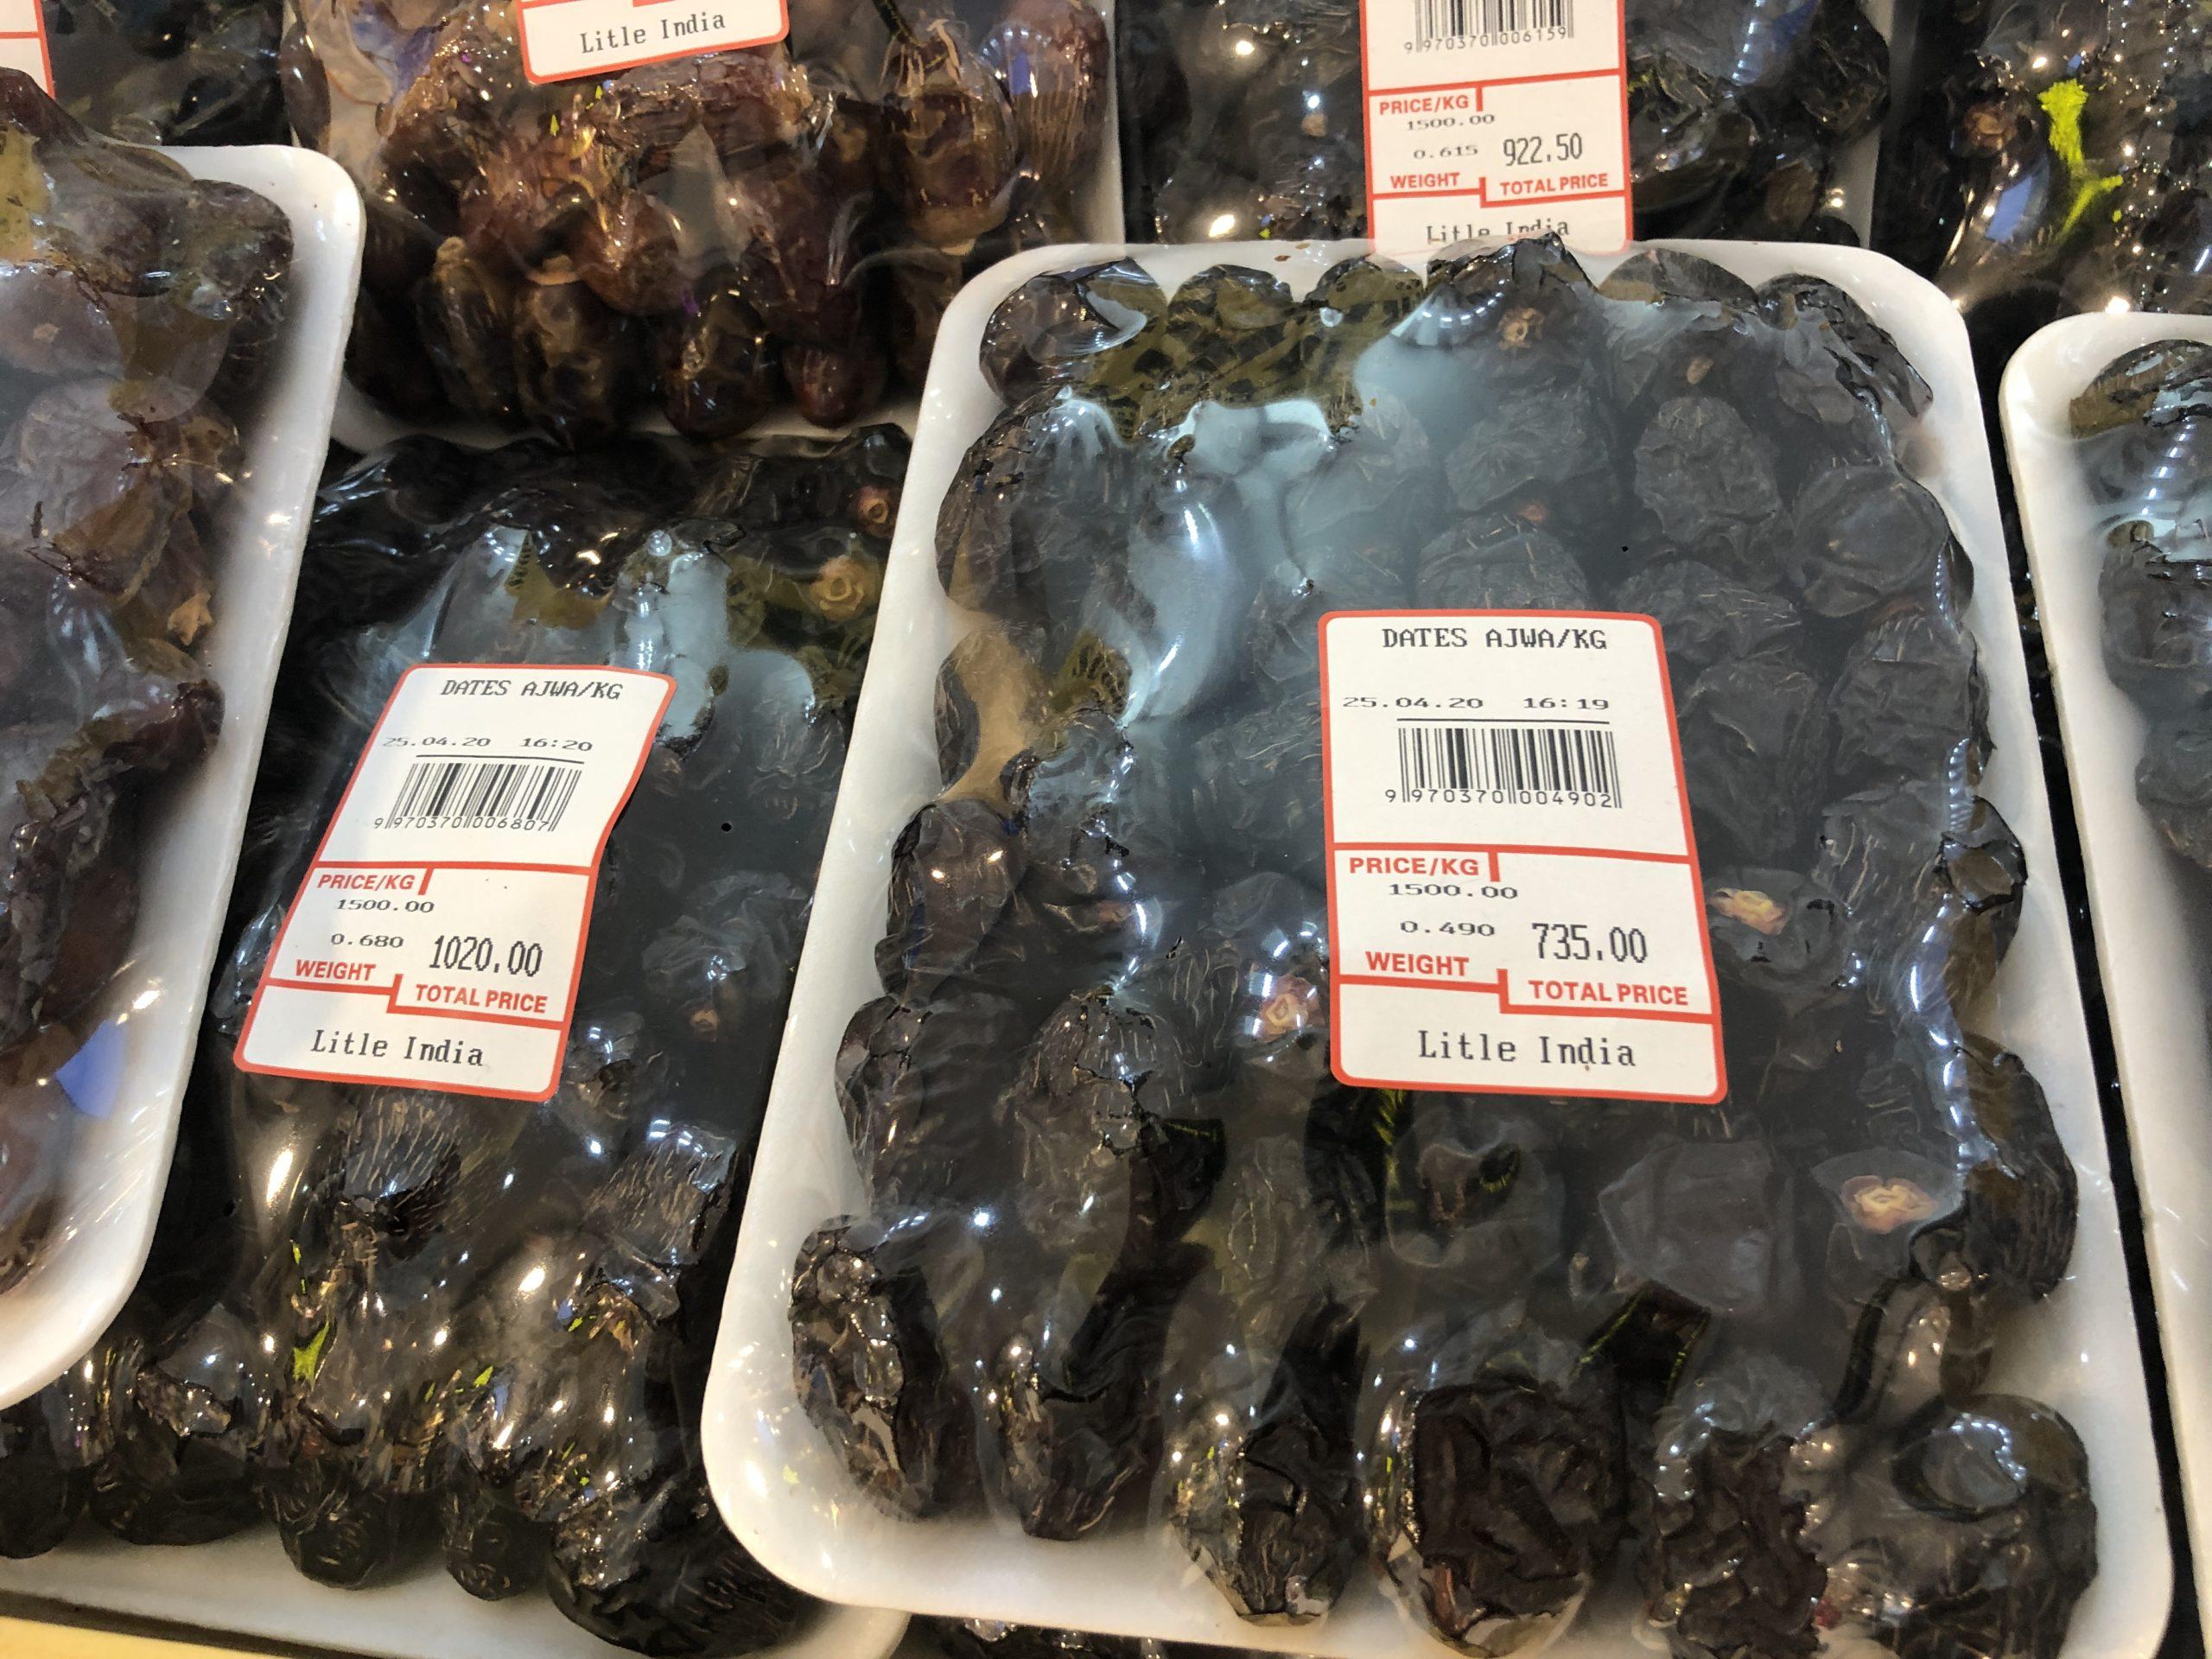 ラマダン中のスーパーに異変-突如現れたニューカマー-